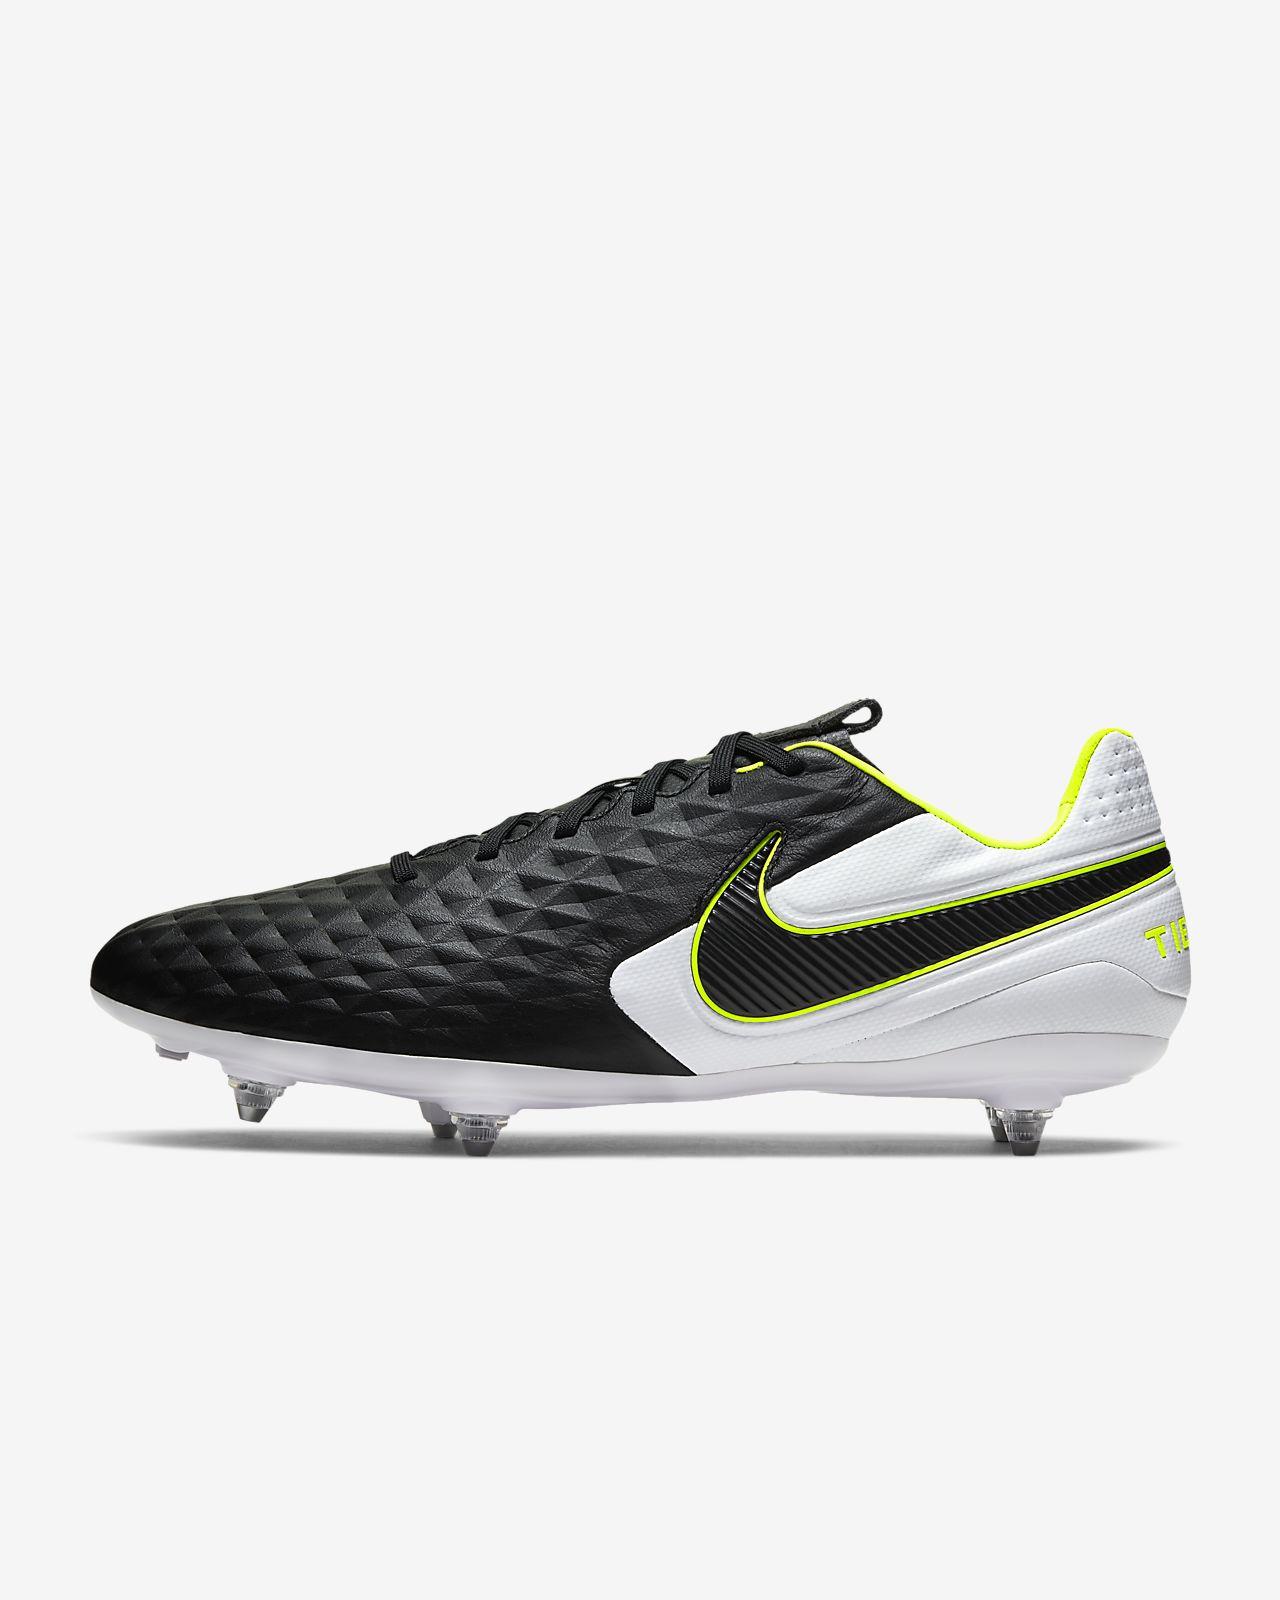 Chaussure de football à crampons pour terrain gras Nike Tiempo Legend 8 Pro SG